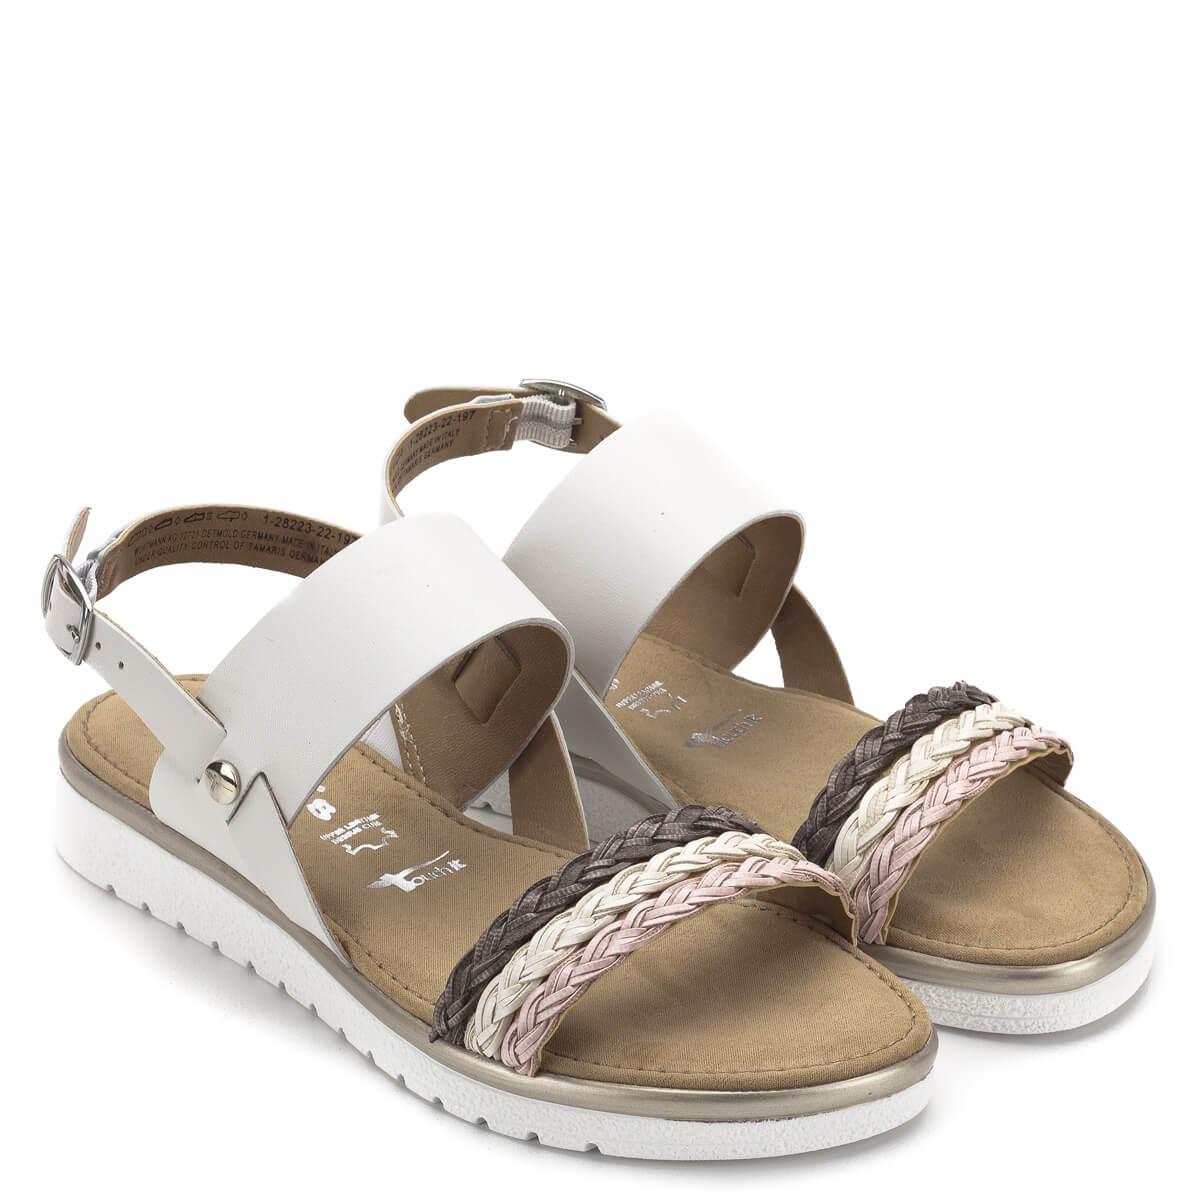 74b203f00f Tamaris webáruház - Tamaris cipők, csizmák, bokacsizmák online